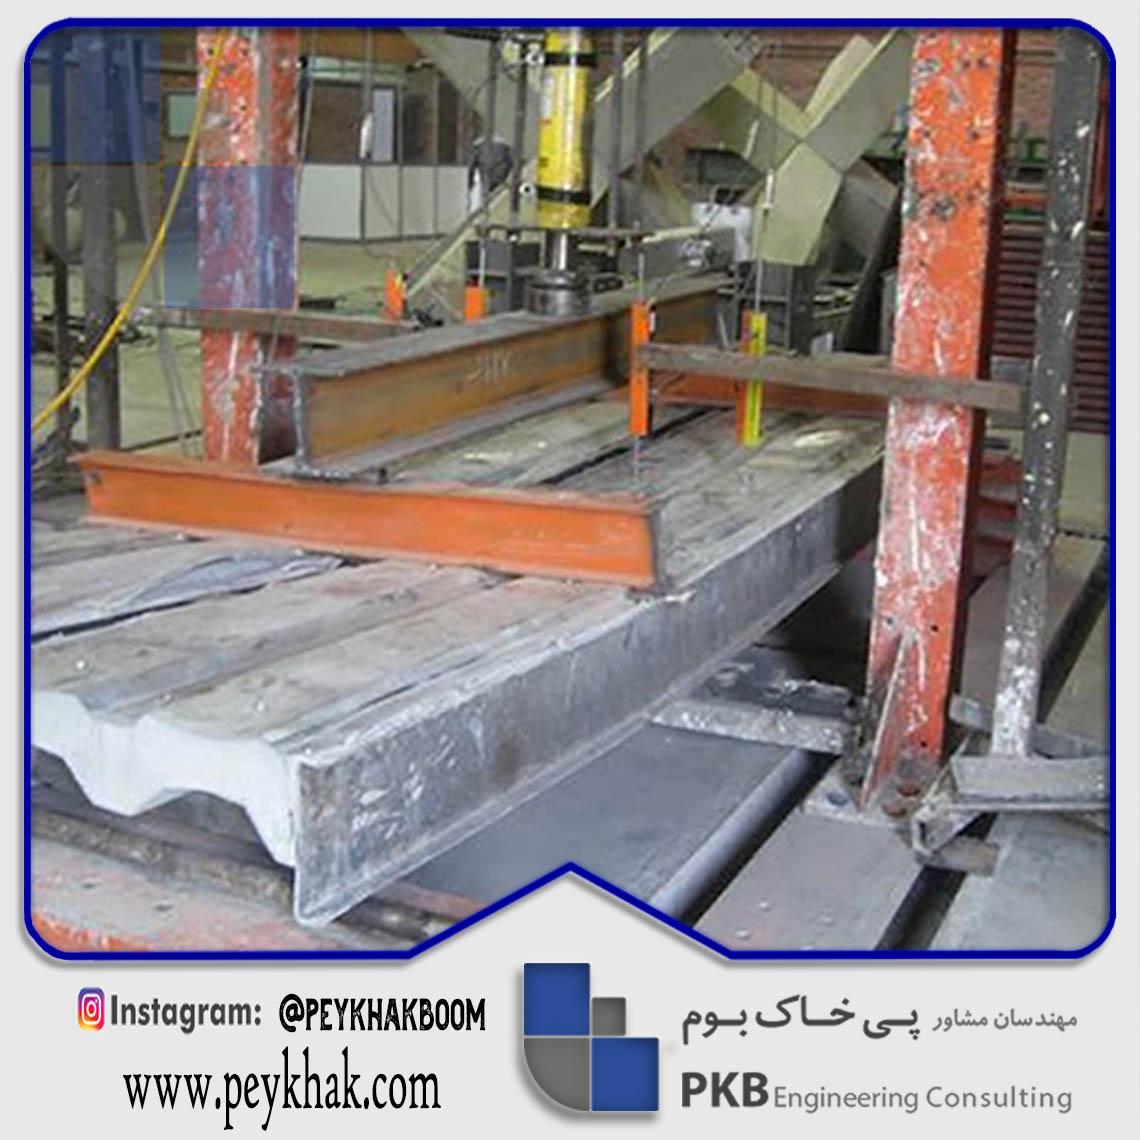 کاربرد پانل های سقفی پیش ساخته ICP